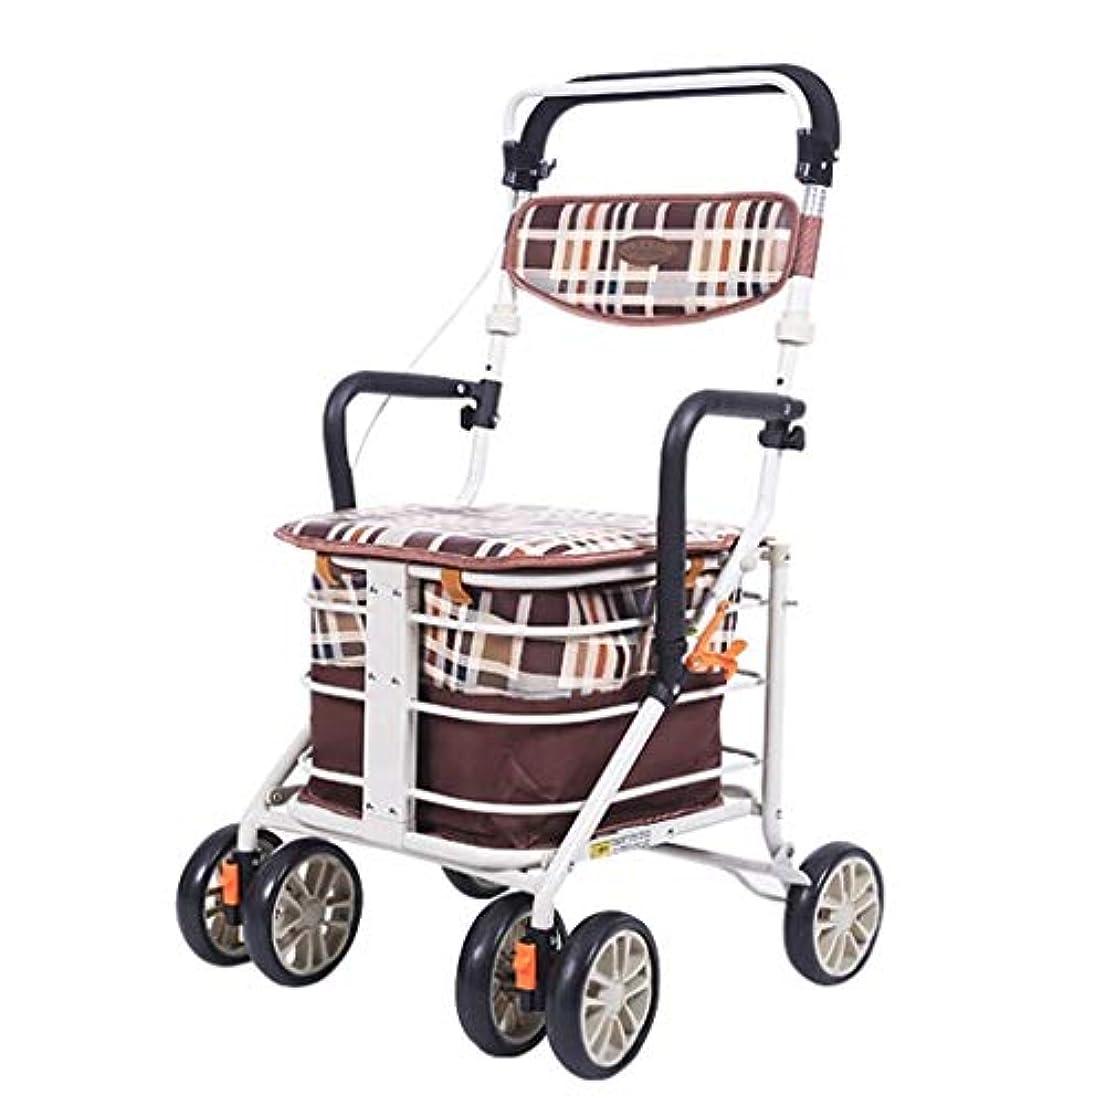 速報かんがいスペルハンドブレーキ高齢者歩行者が付いている軽量のアルミ合金の座席を折る多機能歩行者のトロリーショッピングカート